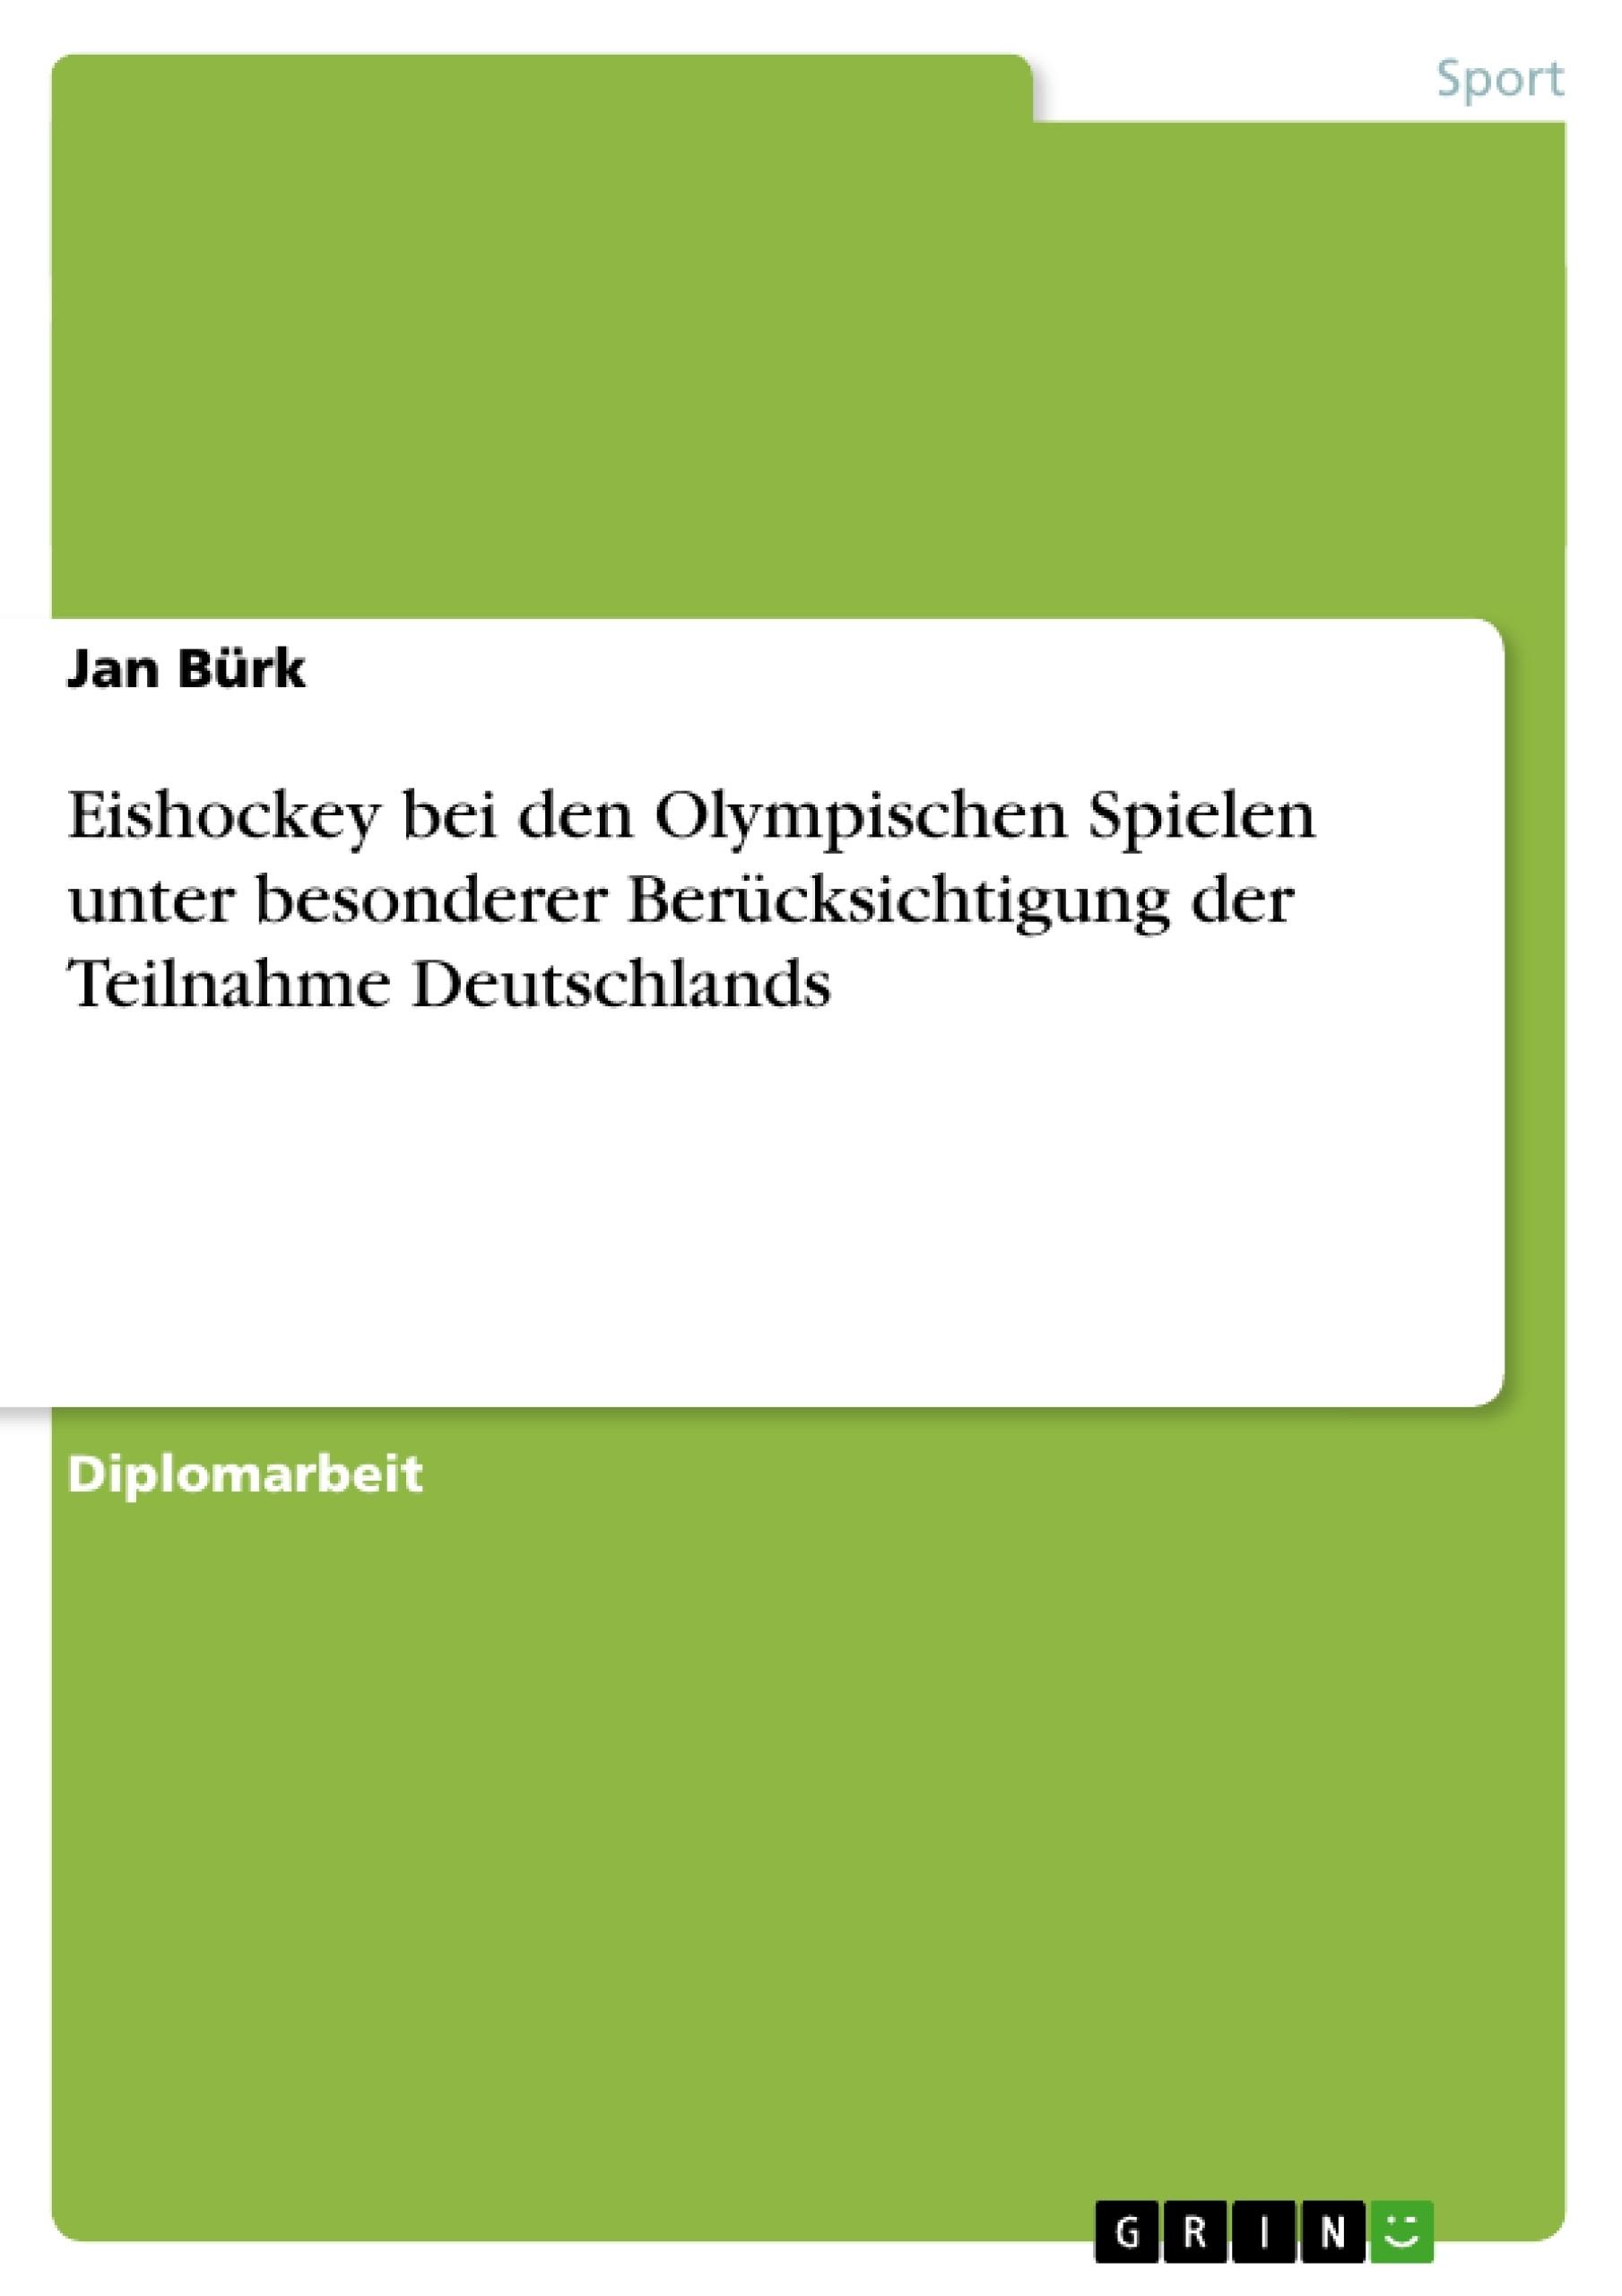 Titel: Eishockey bei den Olympischen Spielen unter besonderer Berücksichtigung der Teilnahme Deutschlands